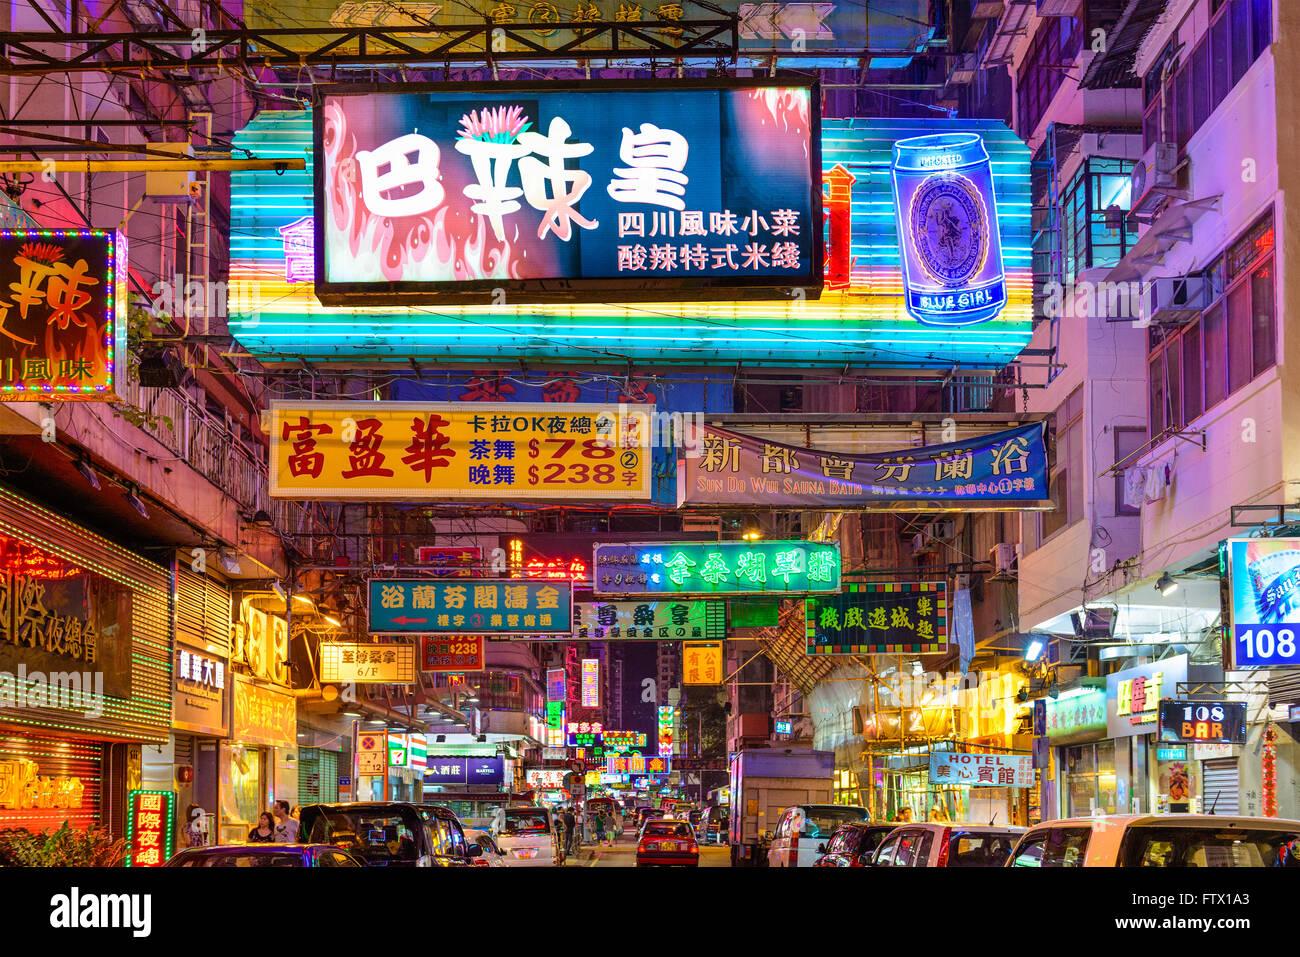 Signs illuminate the night in Kowloon, Hong Kong. - Stock Image